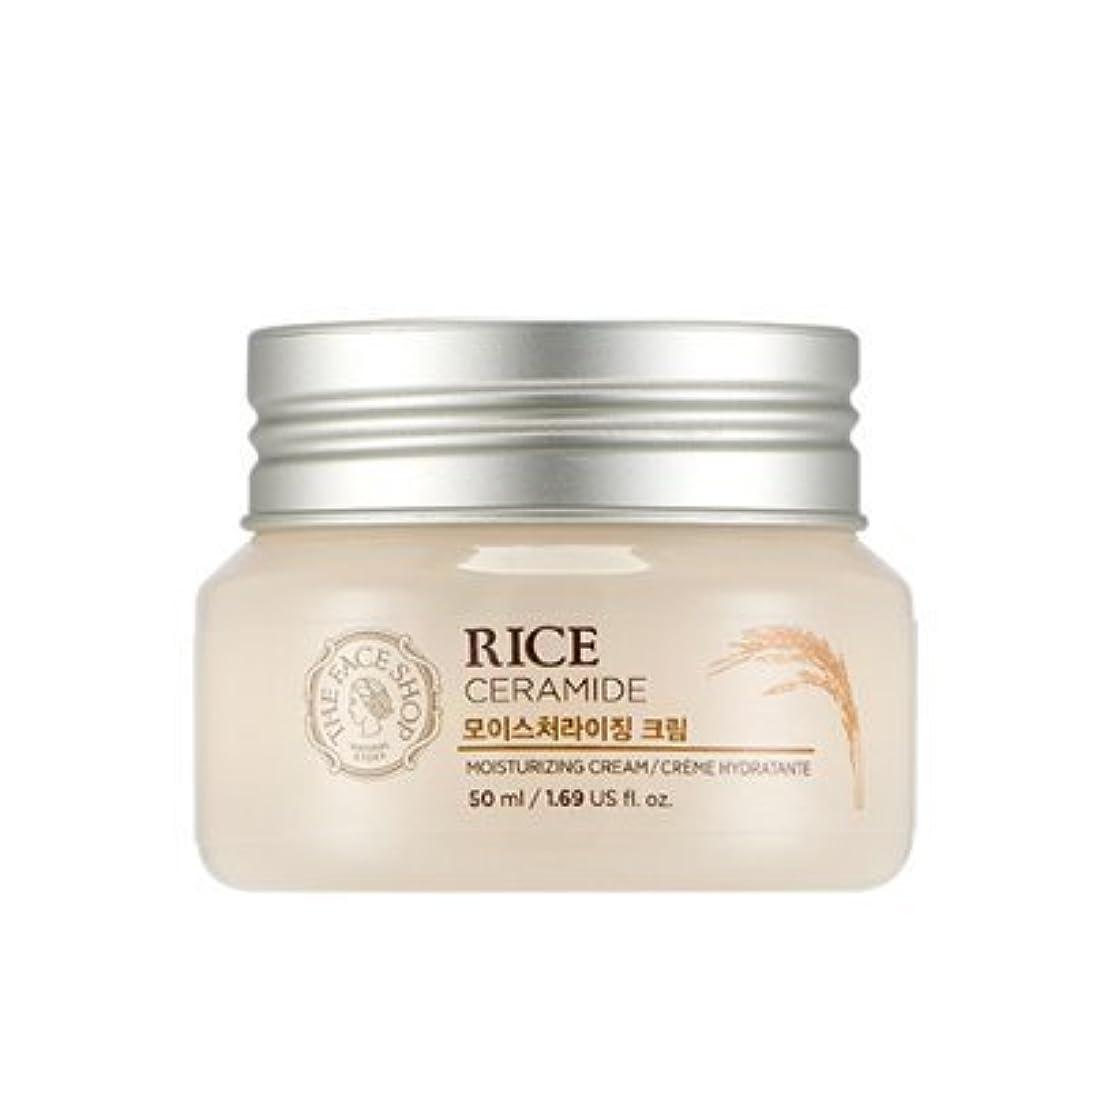 ベットファーザーファージュ収まるTHE FACE SHOP Rice & Ceramide Moisturizing Cream ザフェイスショップ ライス&セラミドモイスチャーライジングクリーム [並行輸入品]